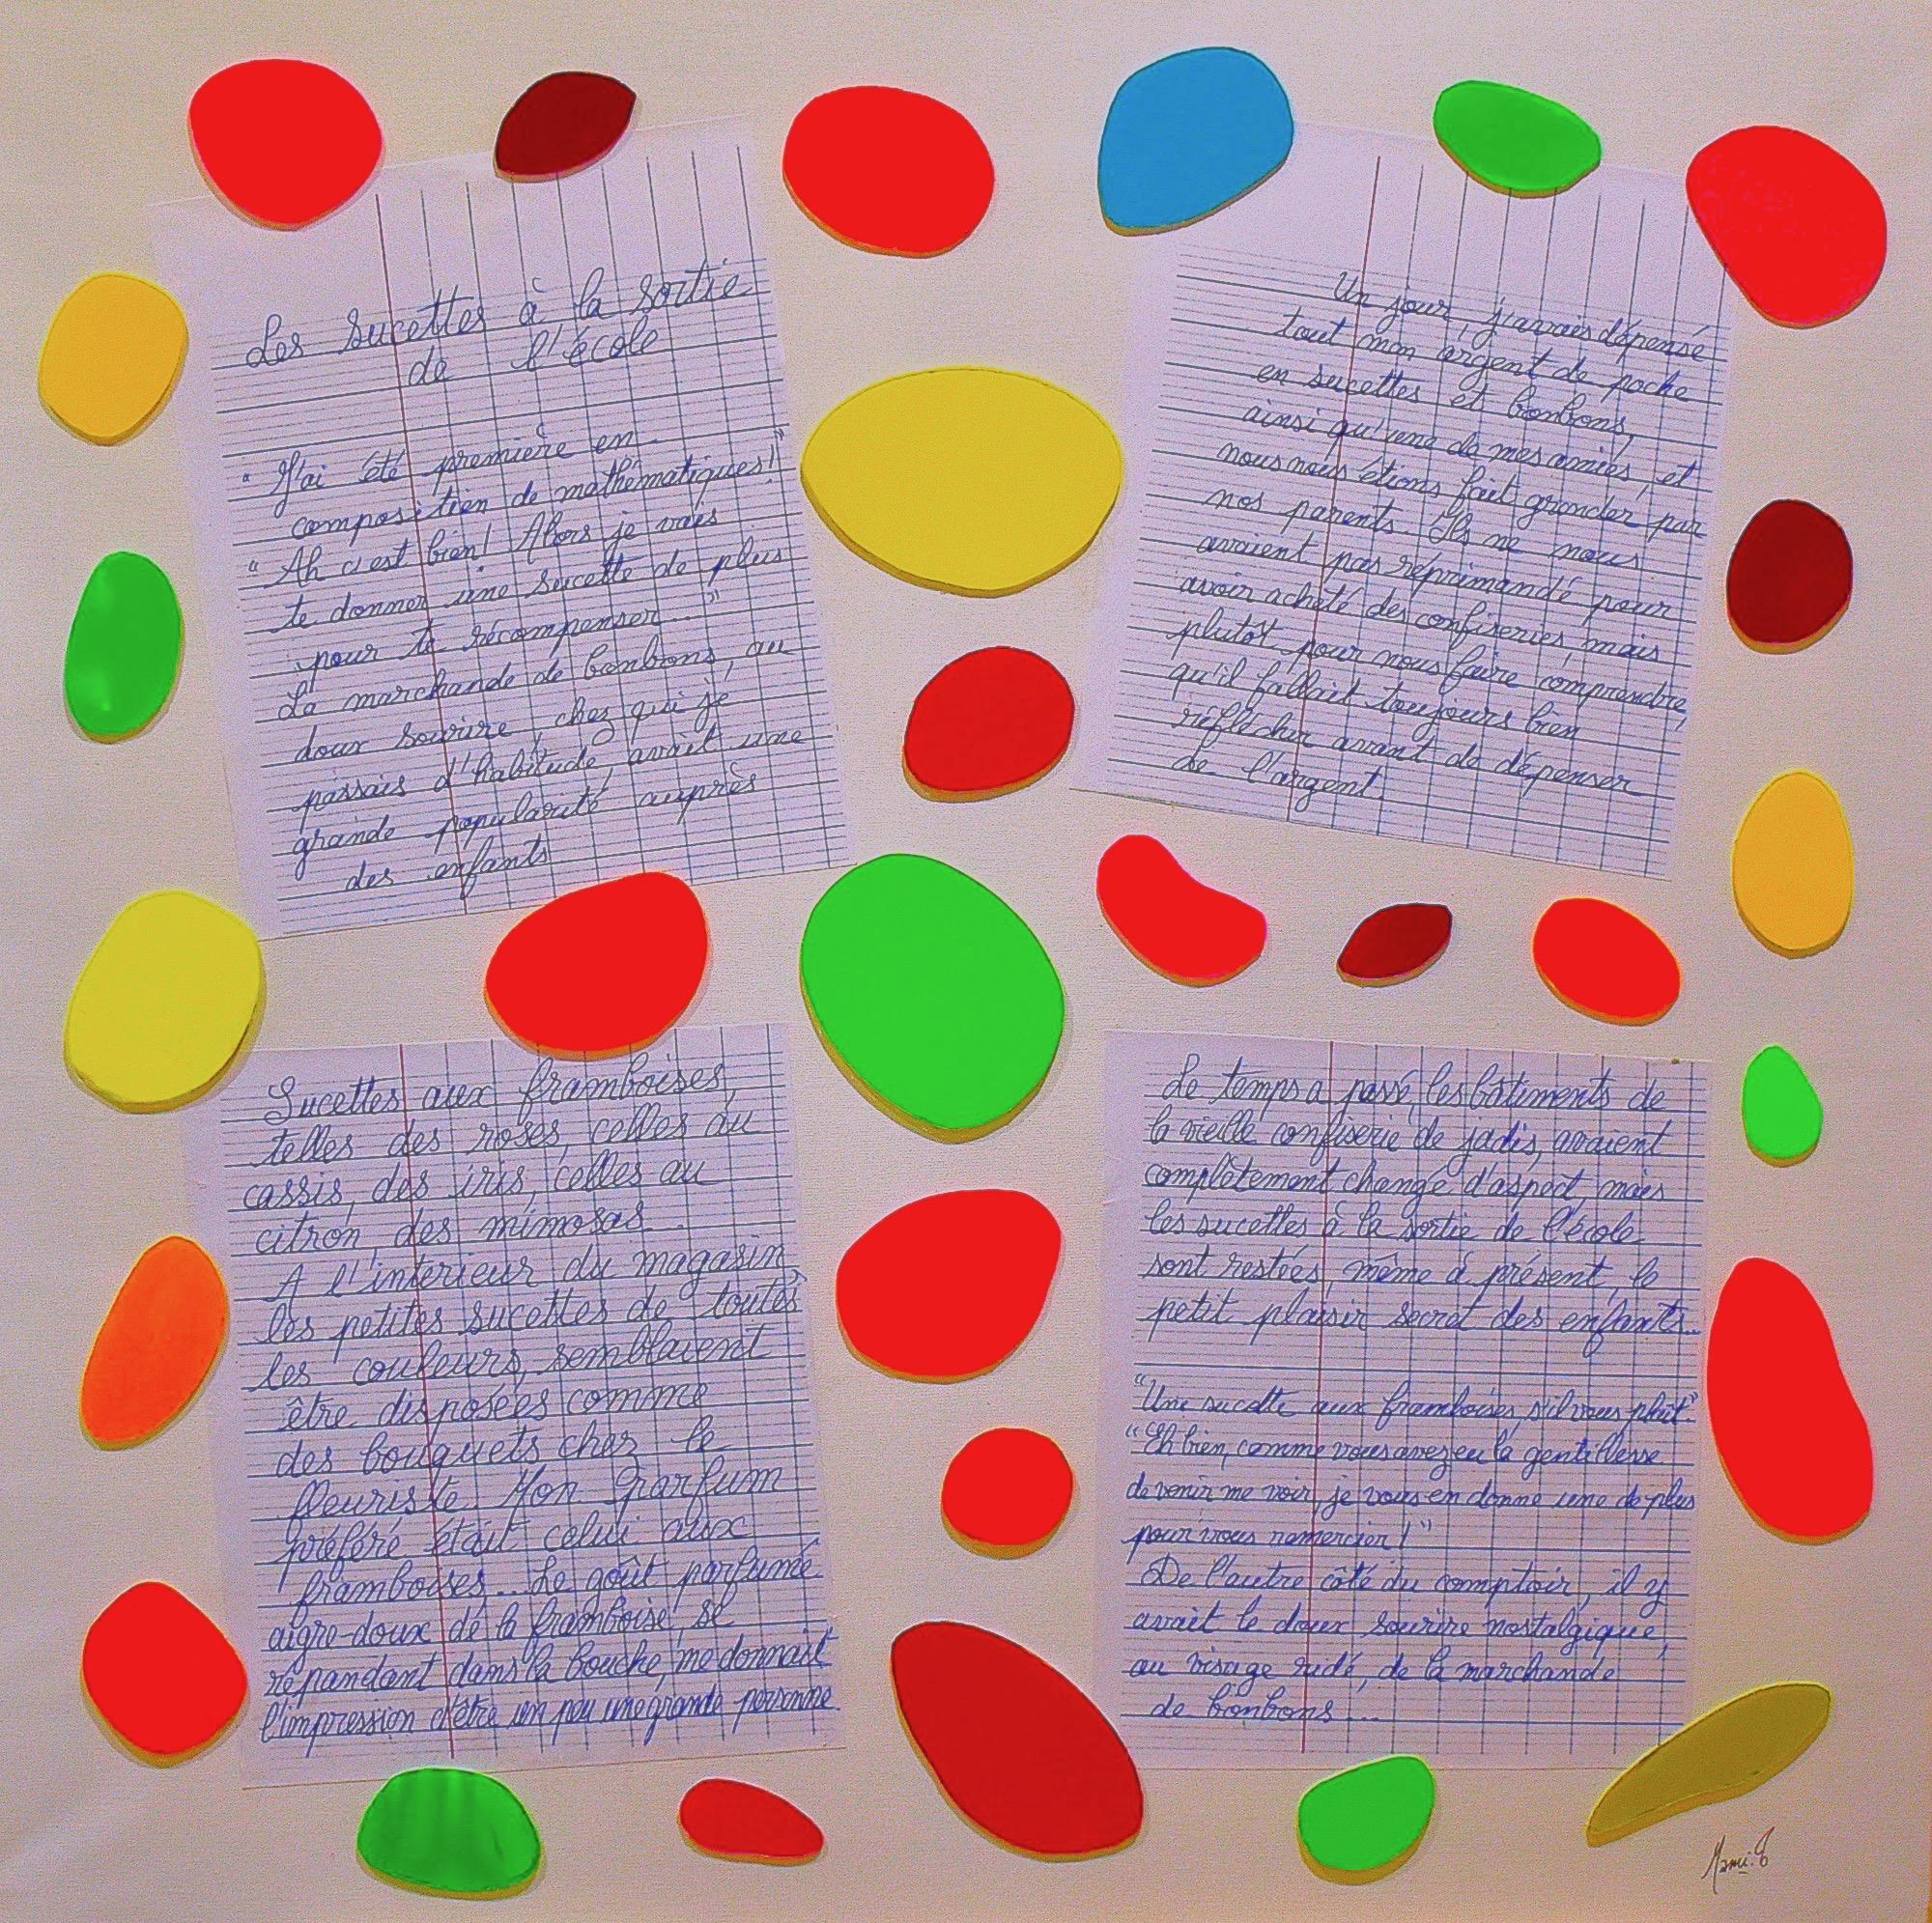 MAMI :Images et Poésie, Les sucettes à la sortie de l'école (photo 4)